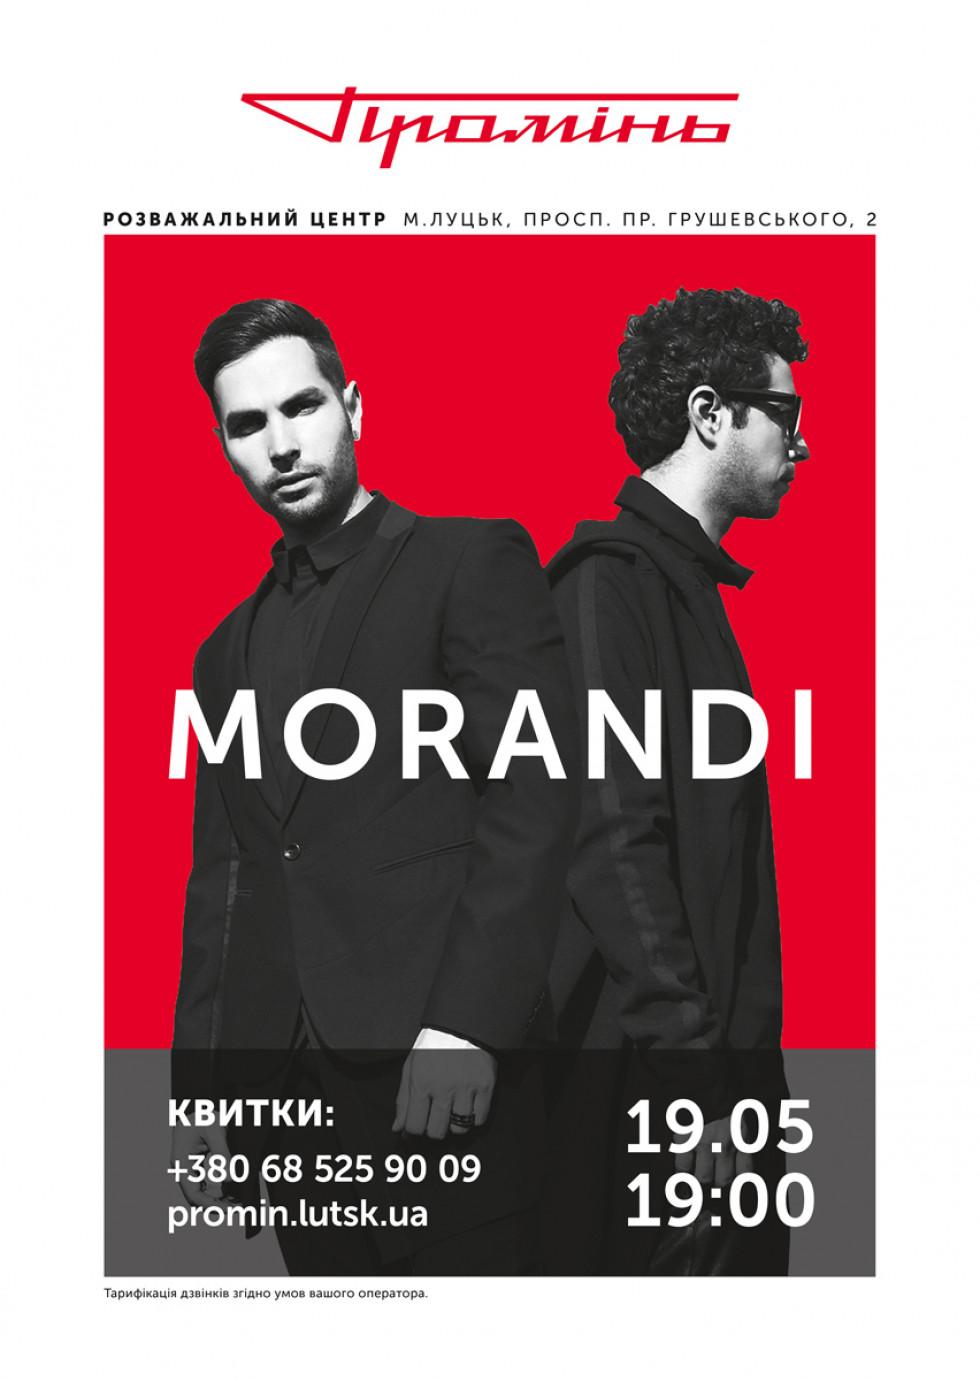 Афіша концерту MORANDI у РЦ «Промінь»